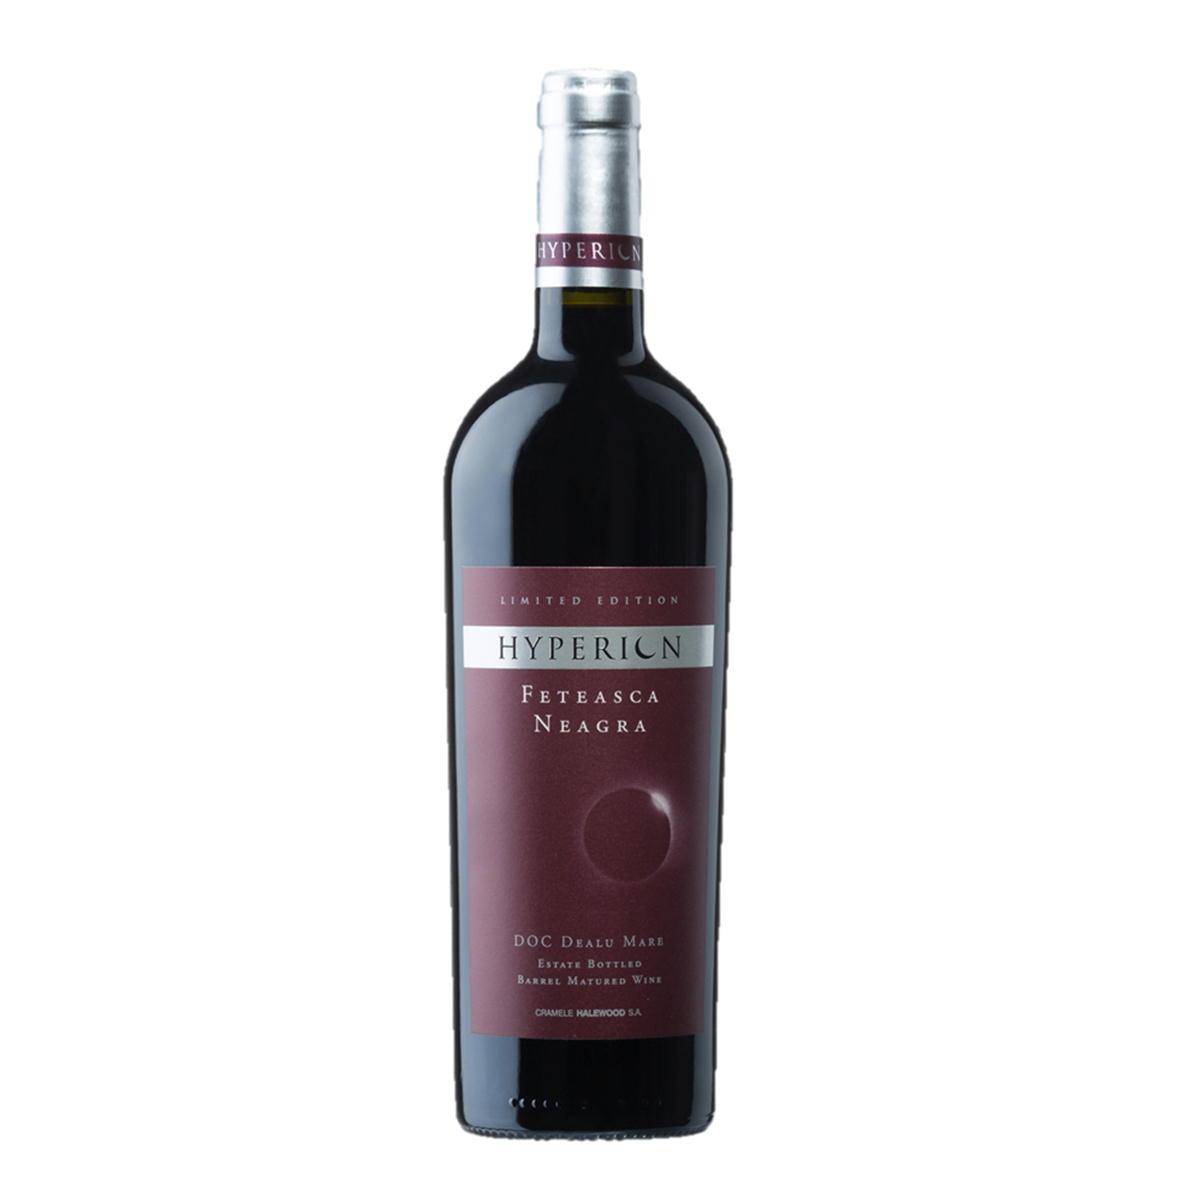 【ルーマニアの黒ワイン】【送料無料】【固有品種】ワイン通 ブルゴーニュ好きが絶賛!!生産数量が限られているルーマニアワイン 貴重品!!ヒュペリオン・フェテアスカ・ネアグラ 2014